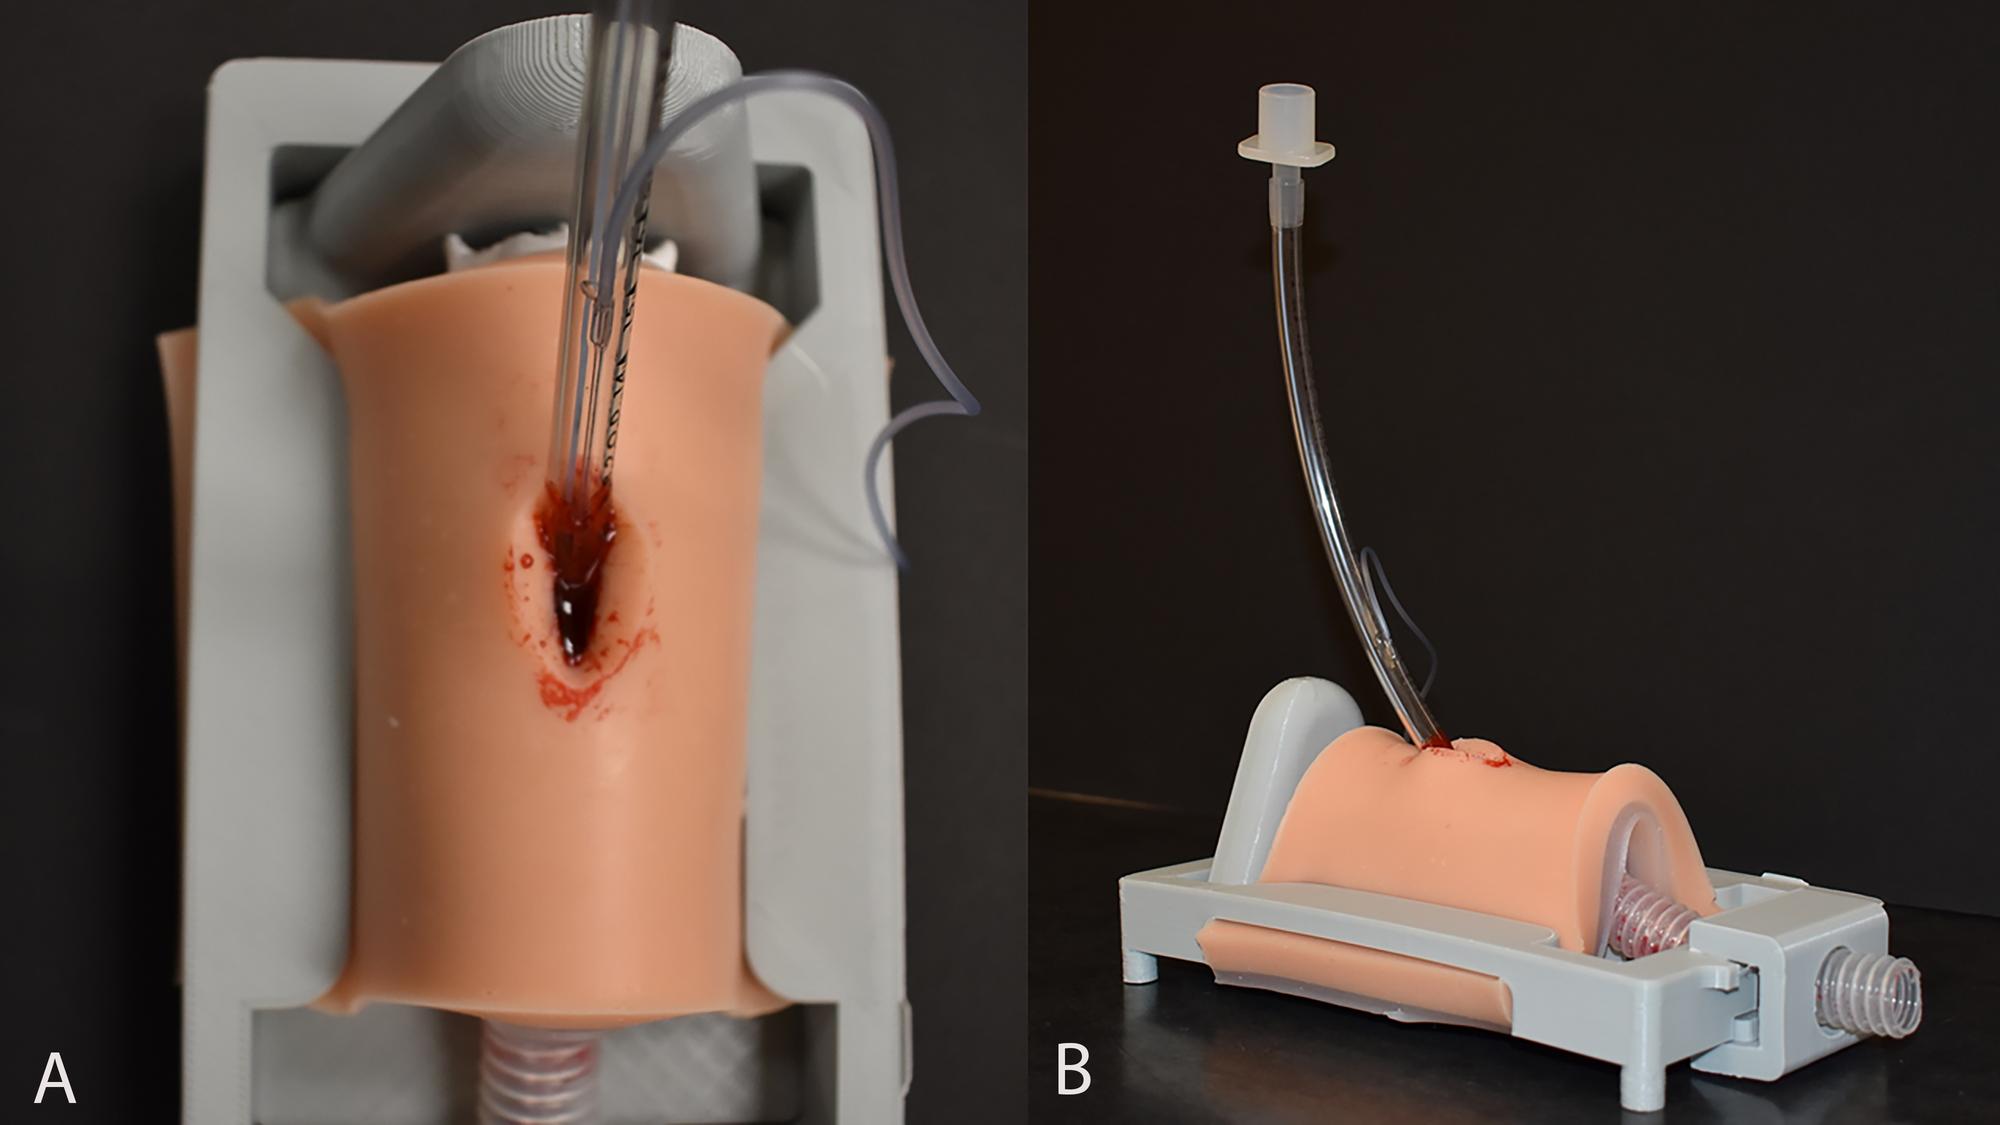 A-bleeding-cricothyrotomy-model-with-an-endotracheal-tube